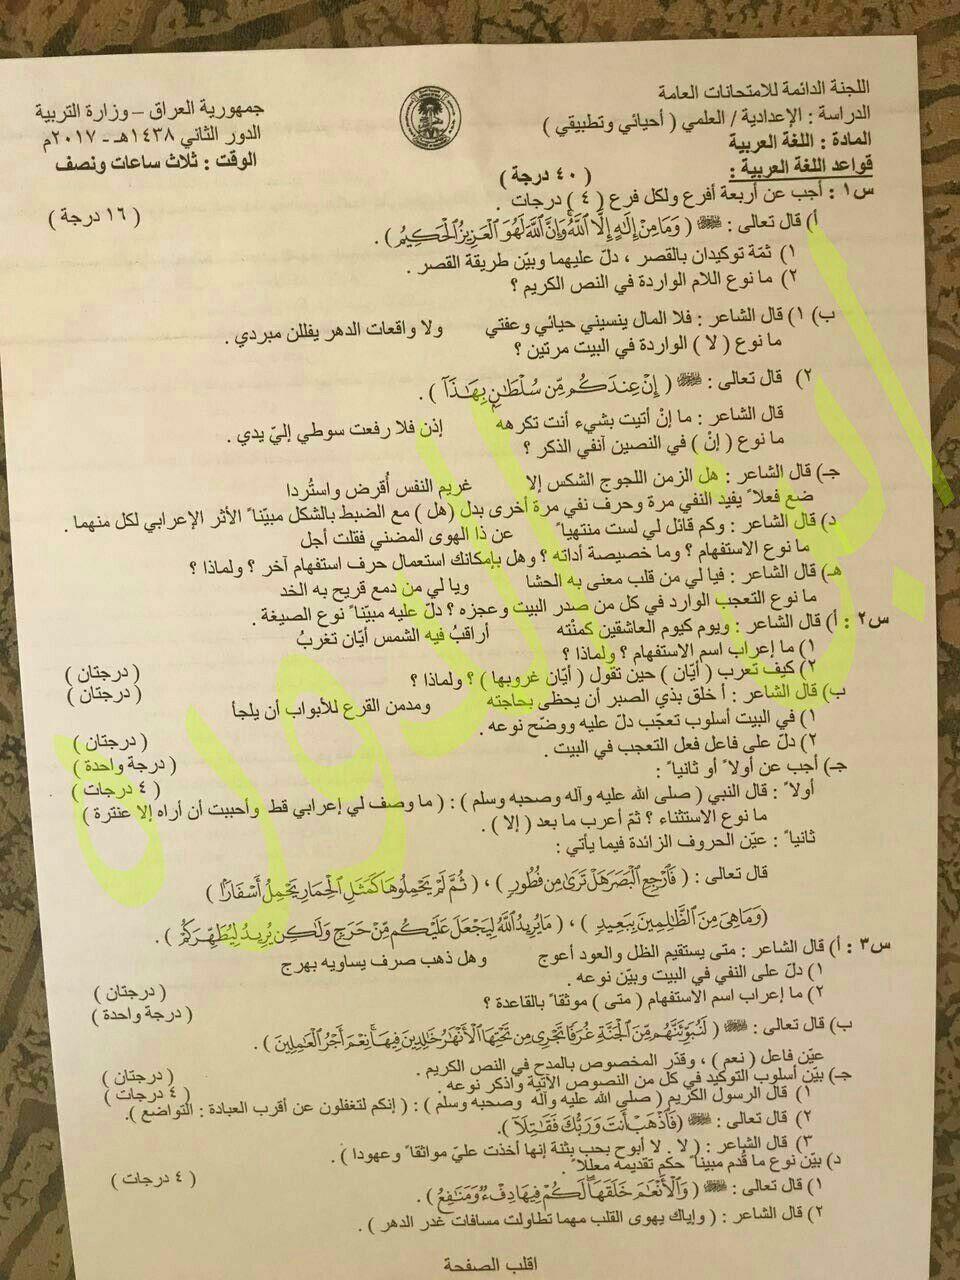 اسئلة اللغة العربية للصف السادس العلمي 2017 الدور الثاني Image10